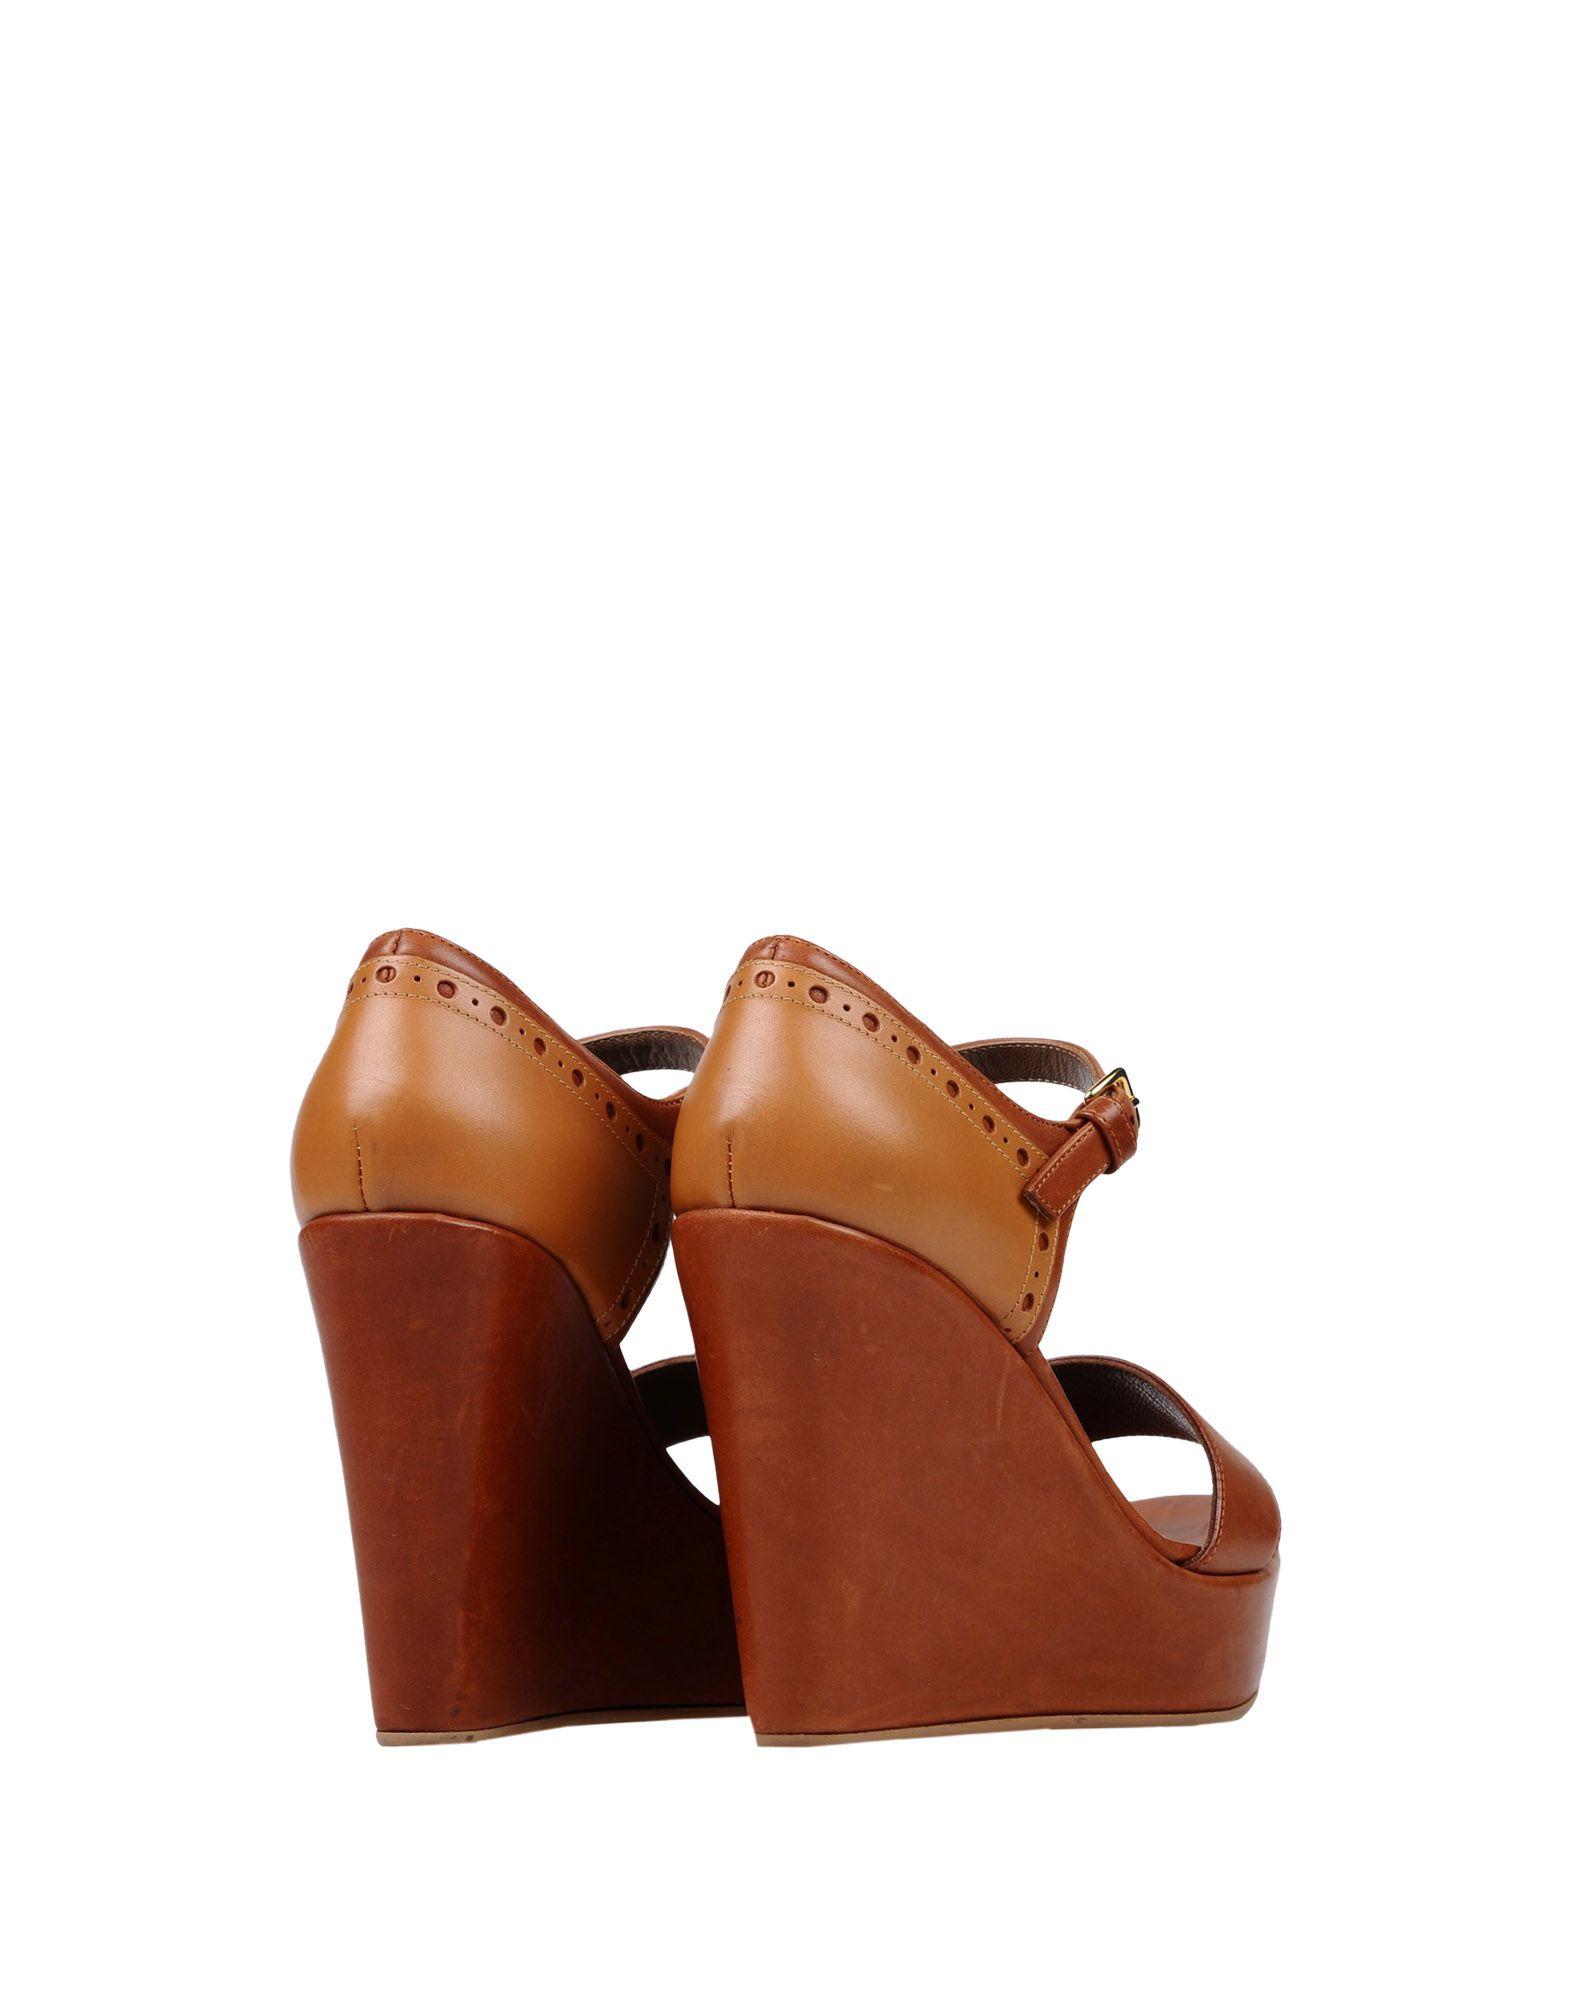 Sandales Marni Femme - Sandales Marni sur